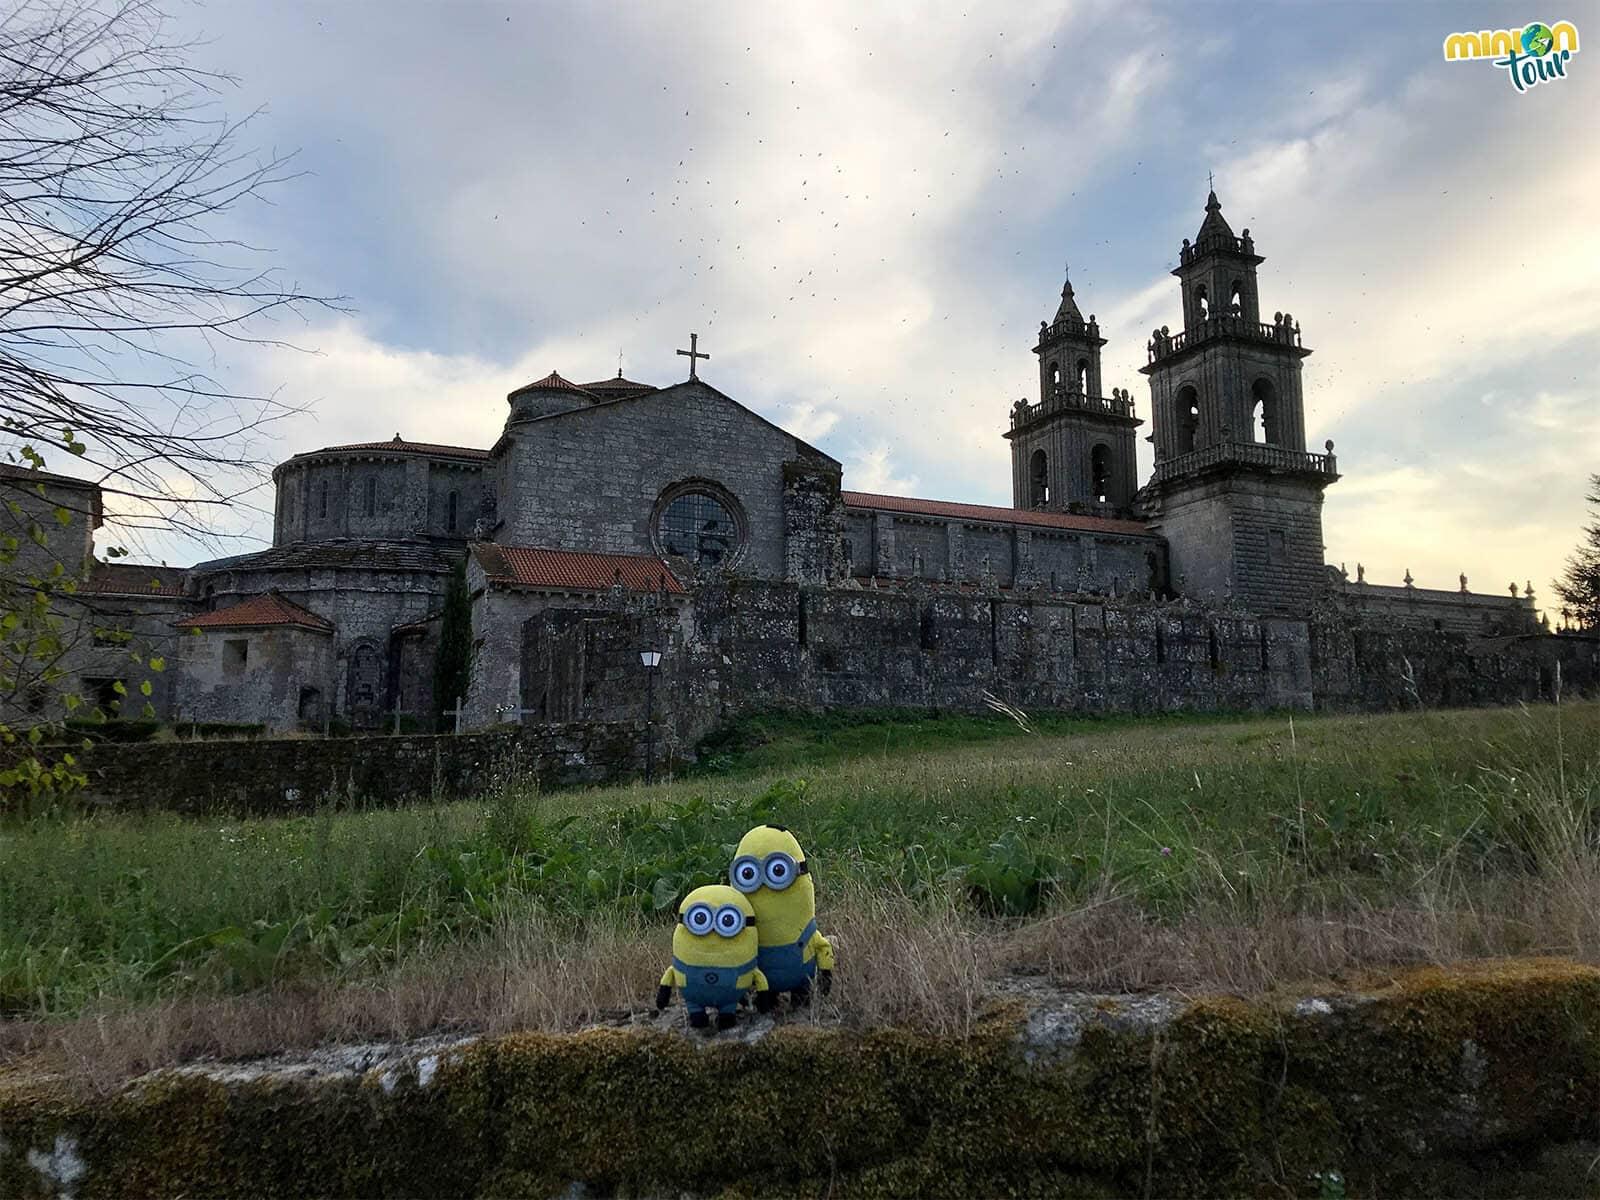 Este monasterio desde fuera parece un castillo